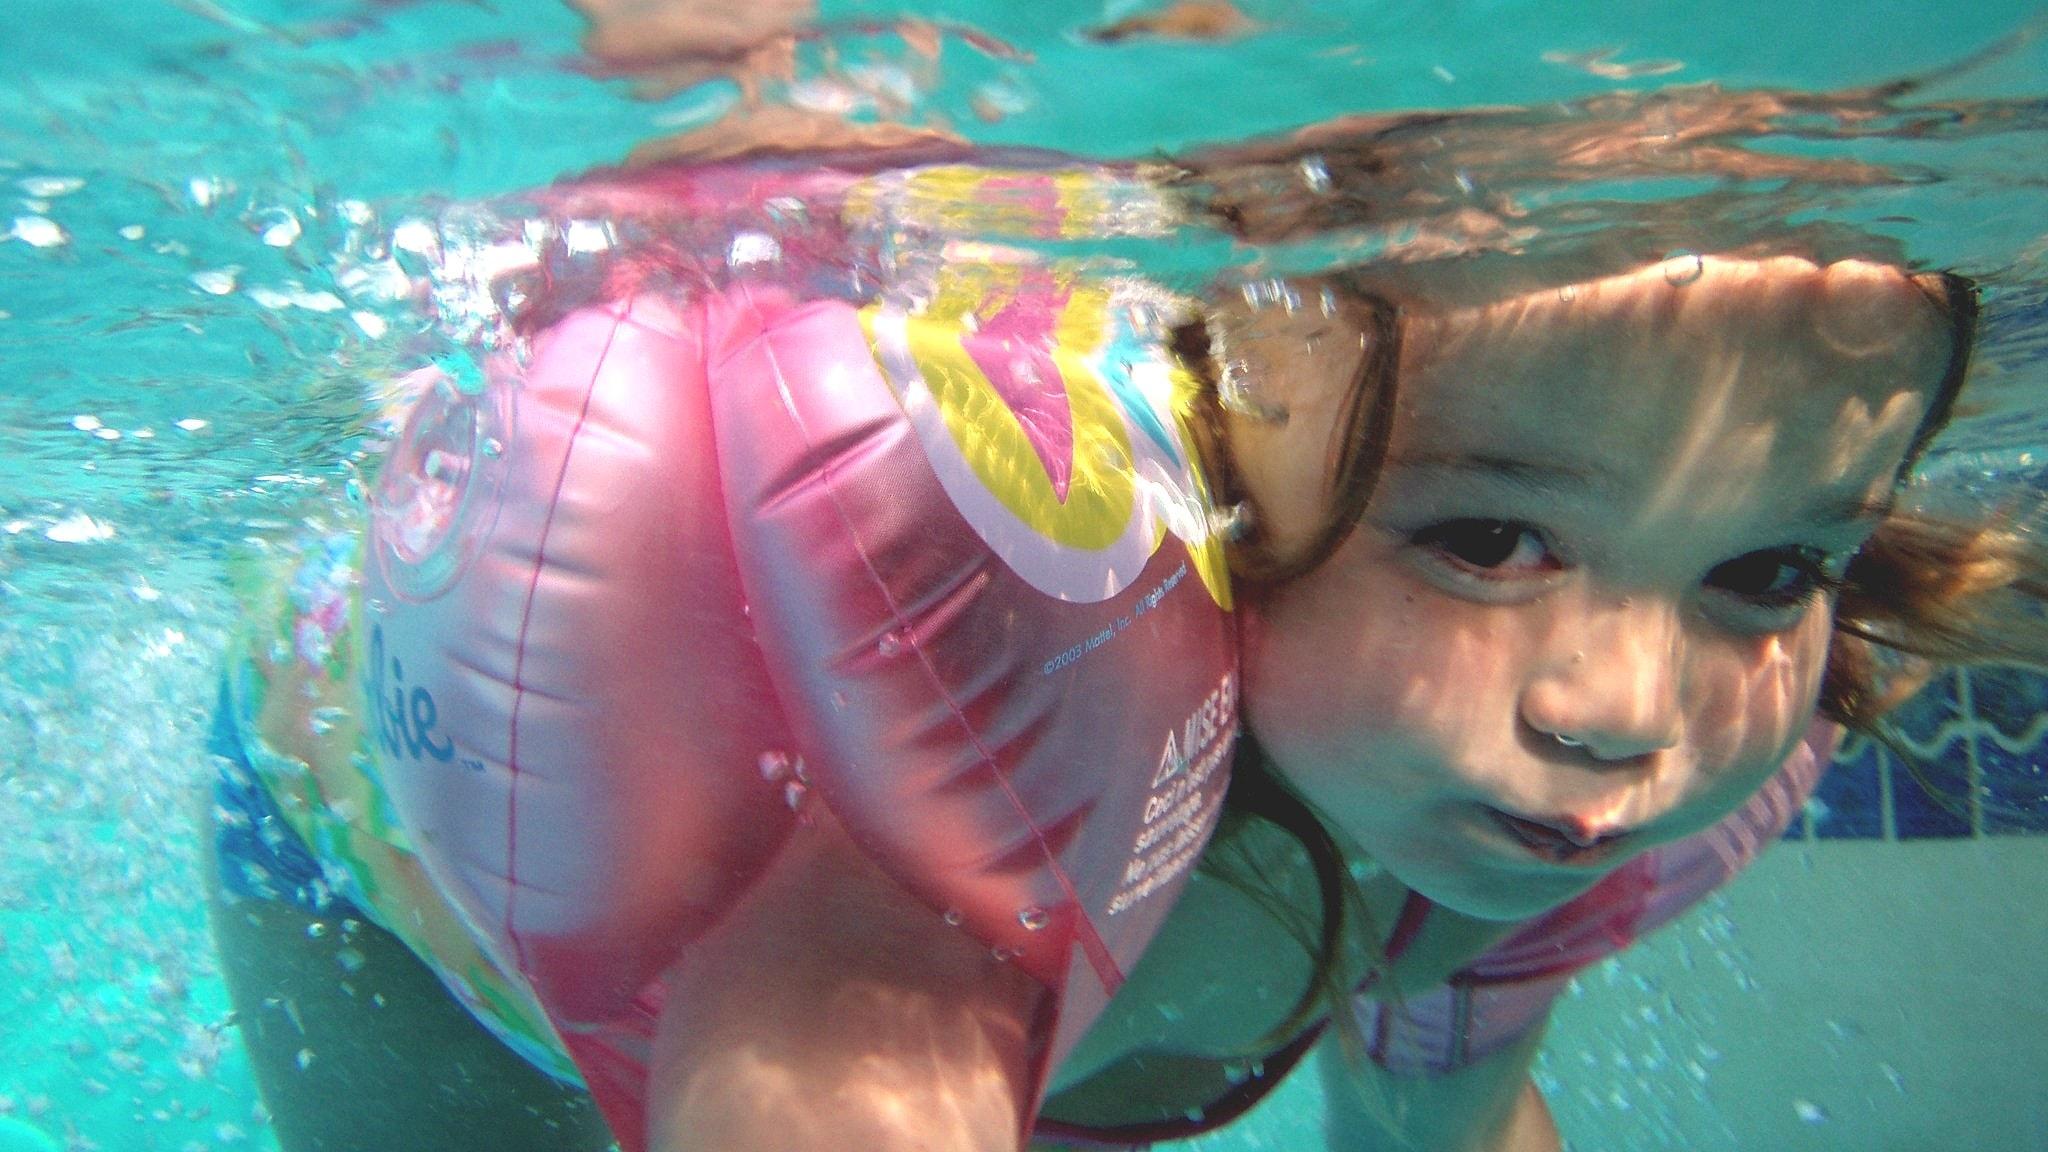 Veden alta otettu kuva pienestä lapsesta.